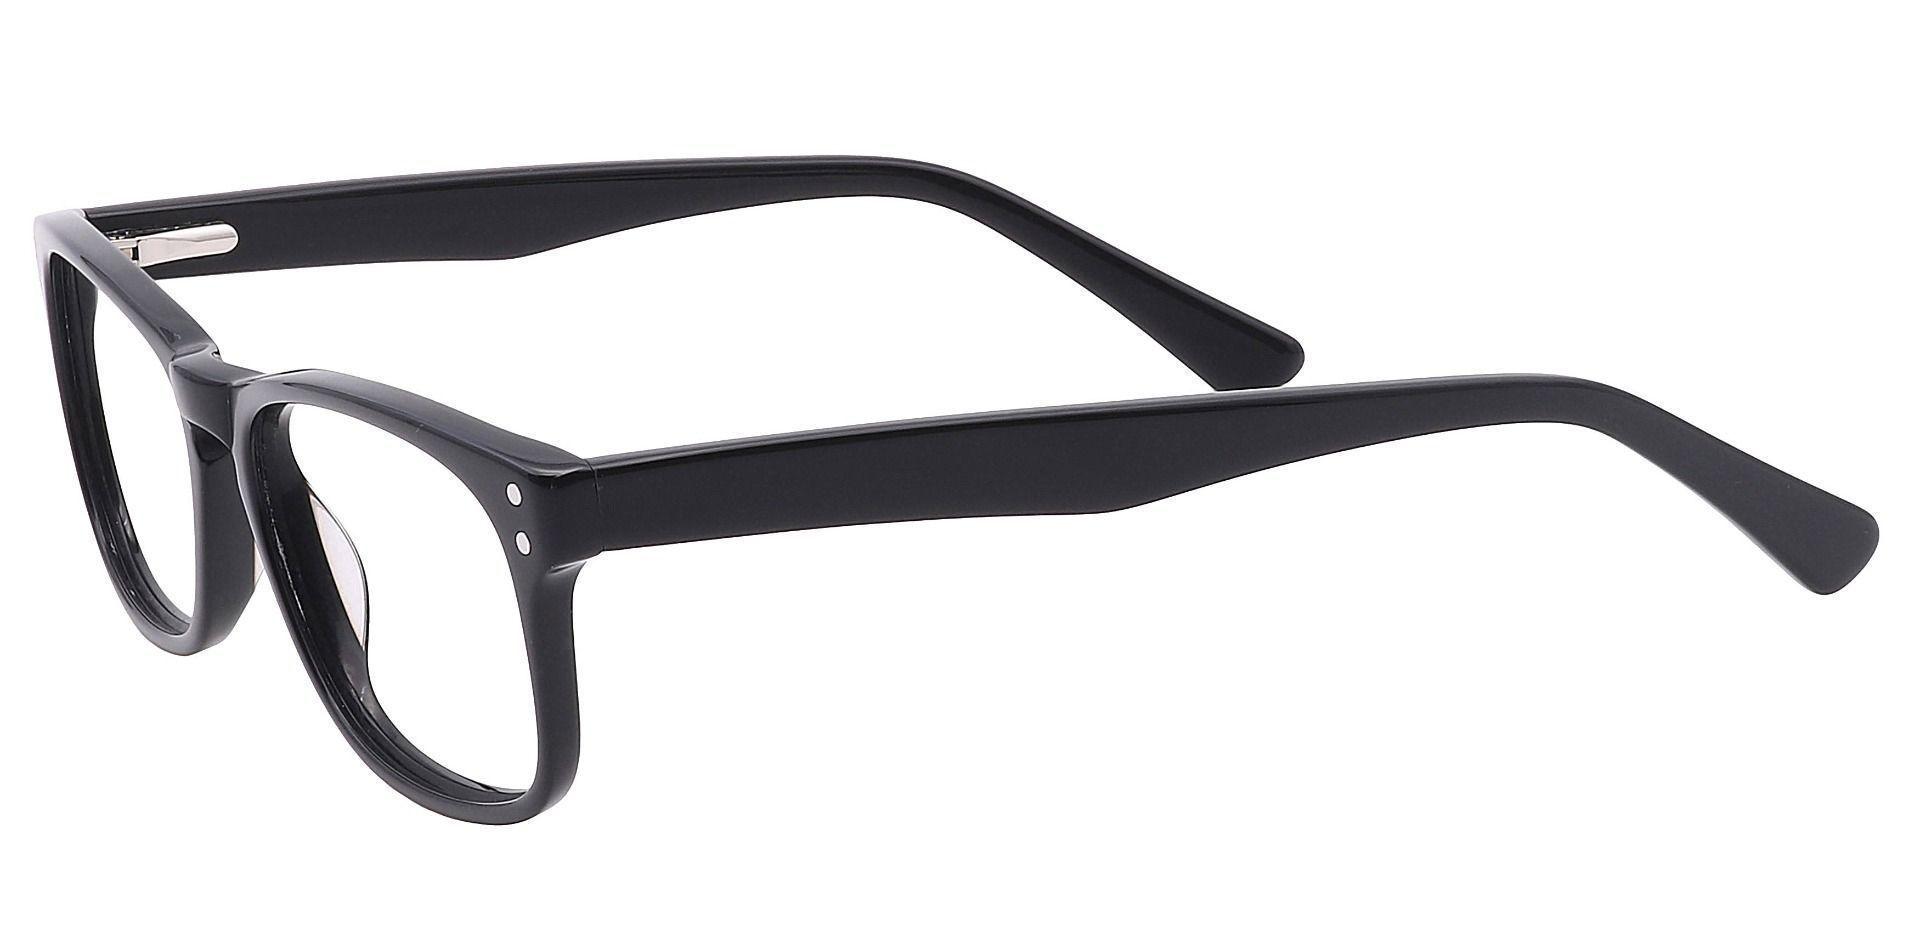 Morris Rectangle Eyeglasses Frame - Black